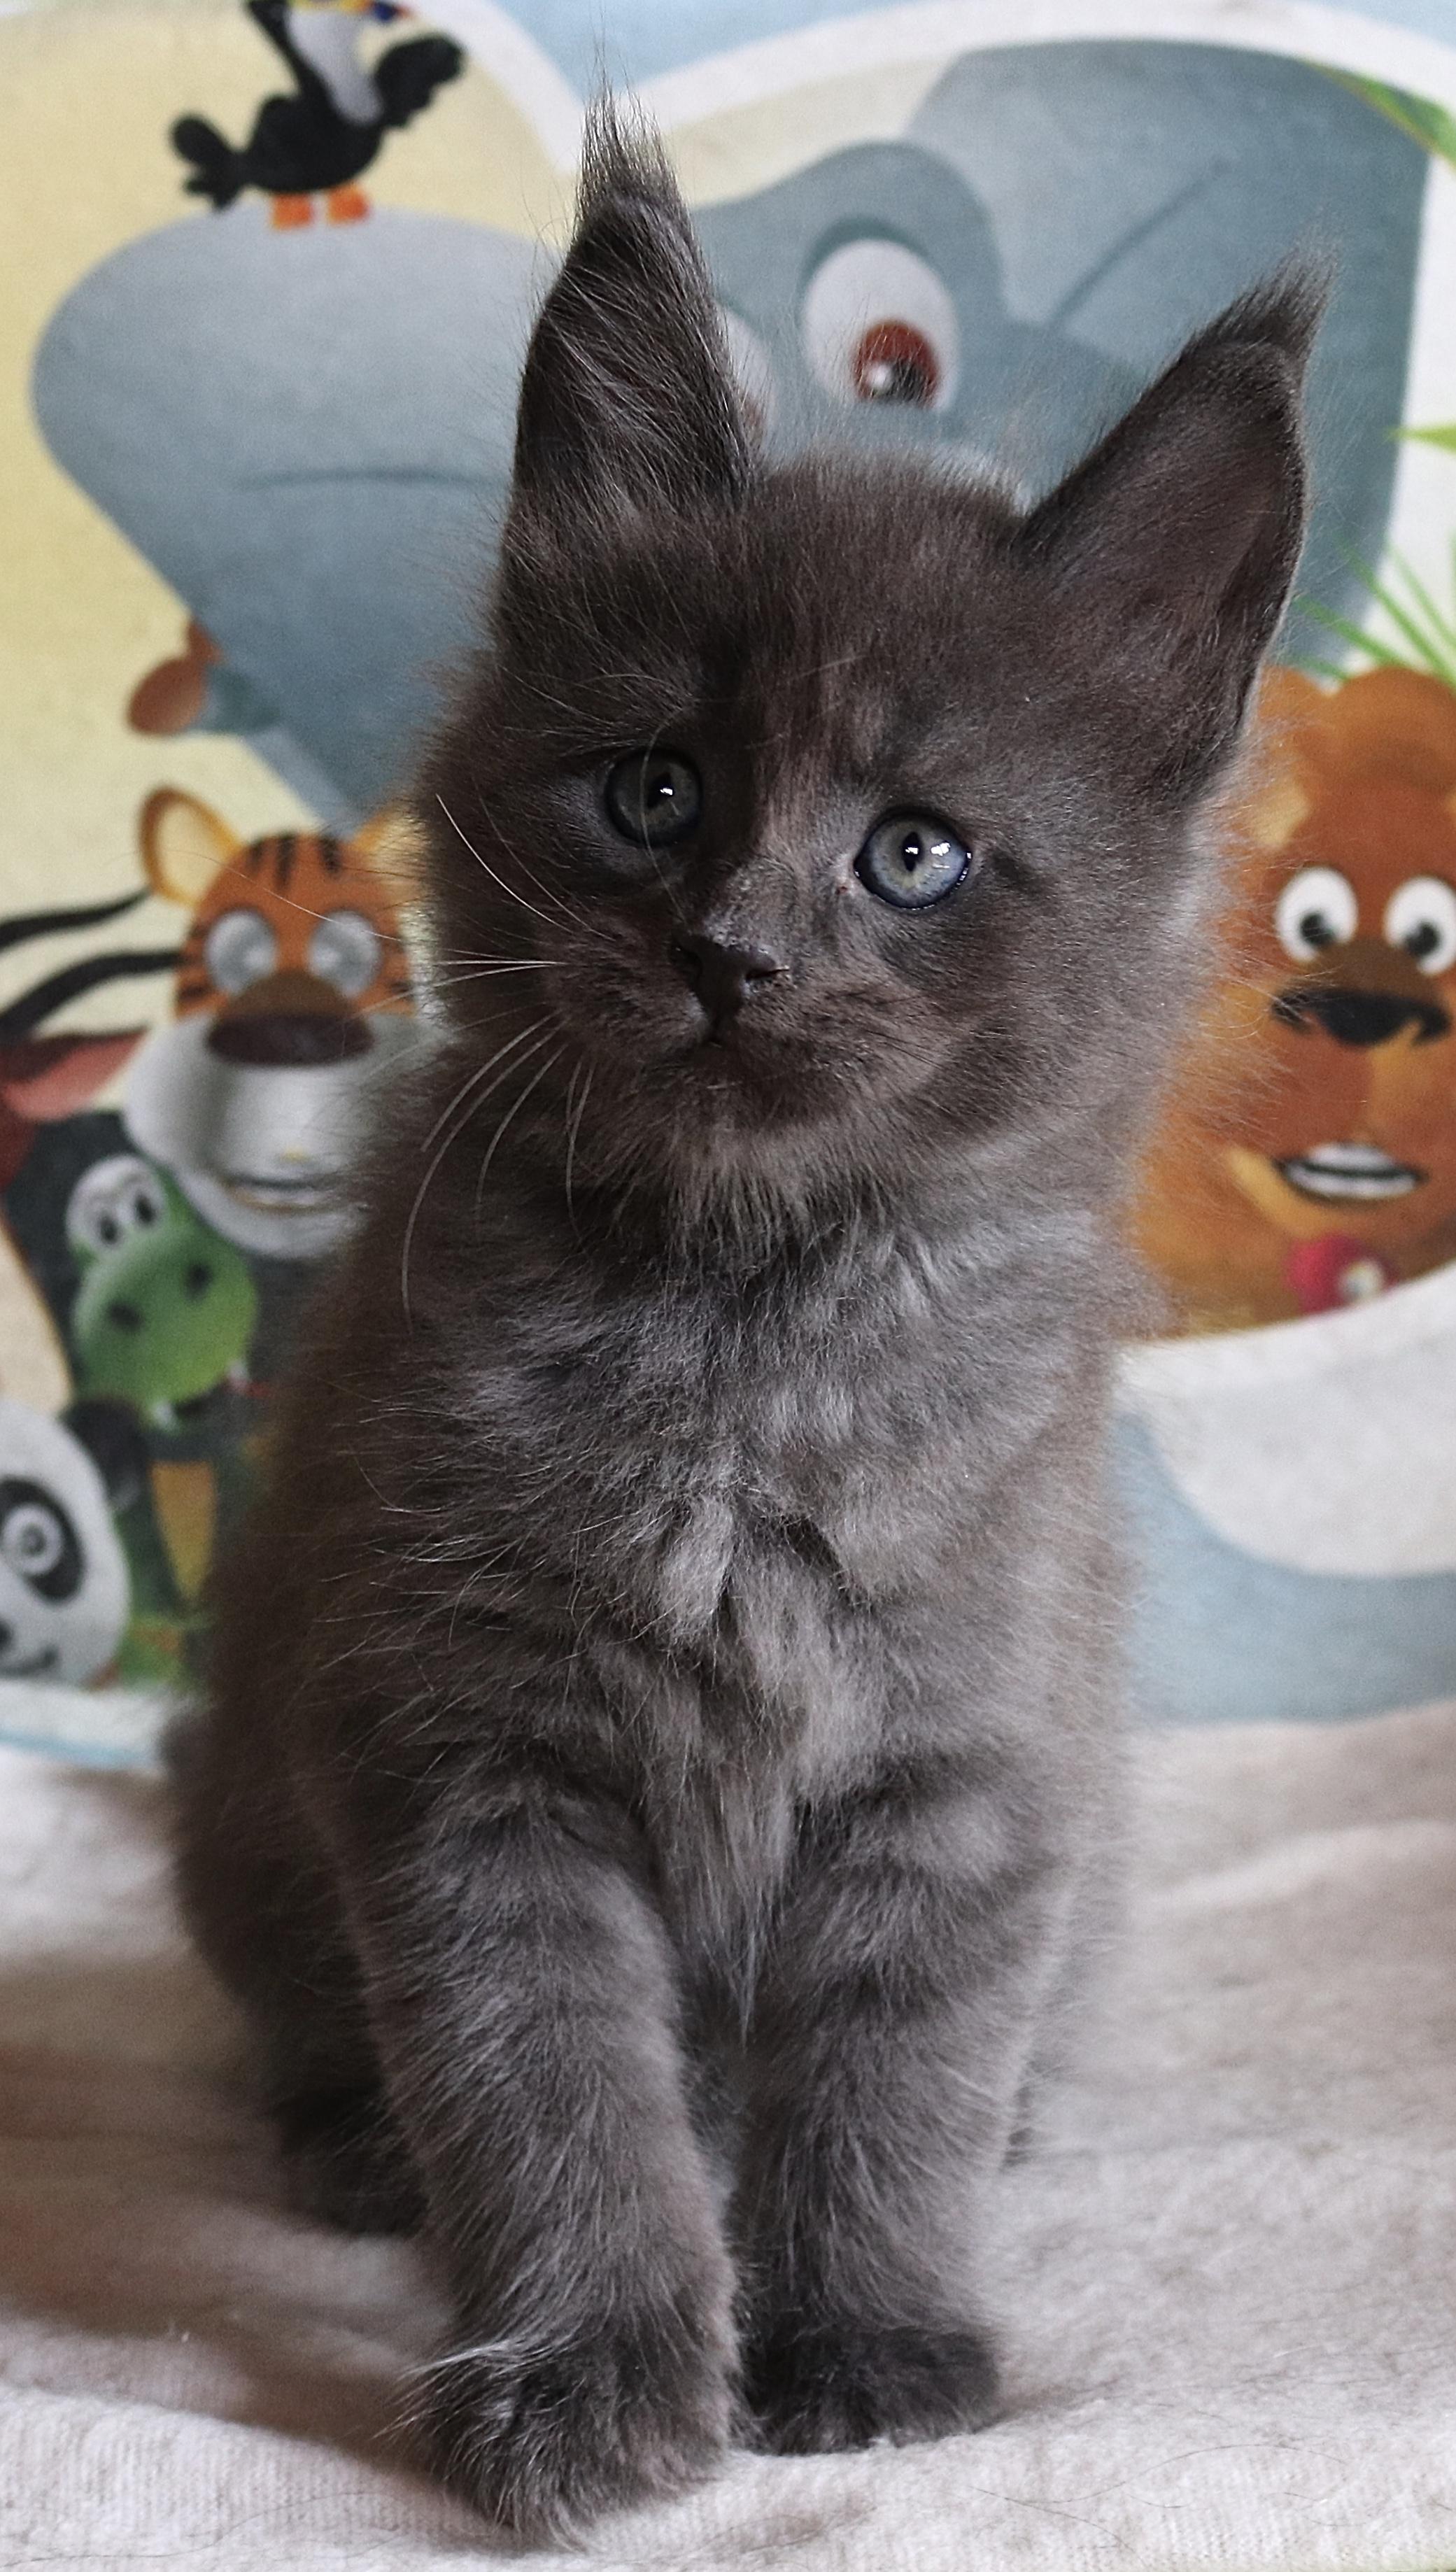 fotka kočky OWEN GRAND VON ERILLIAN,CZ, male